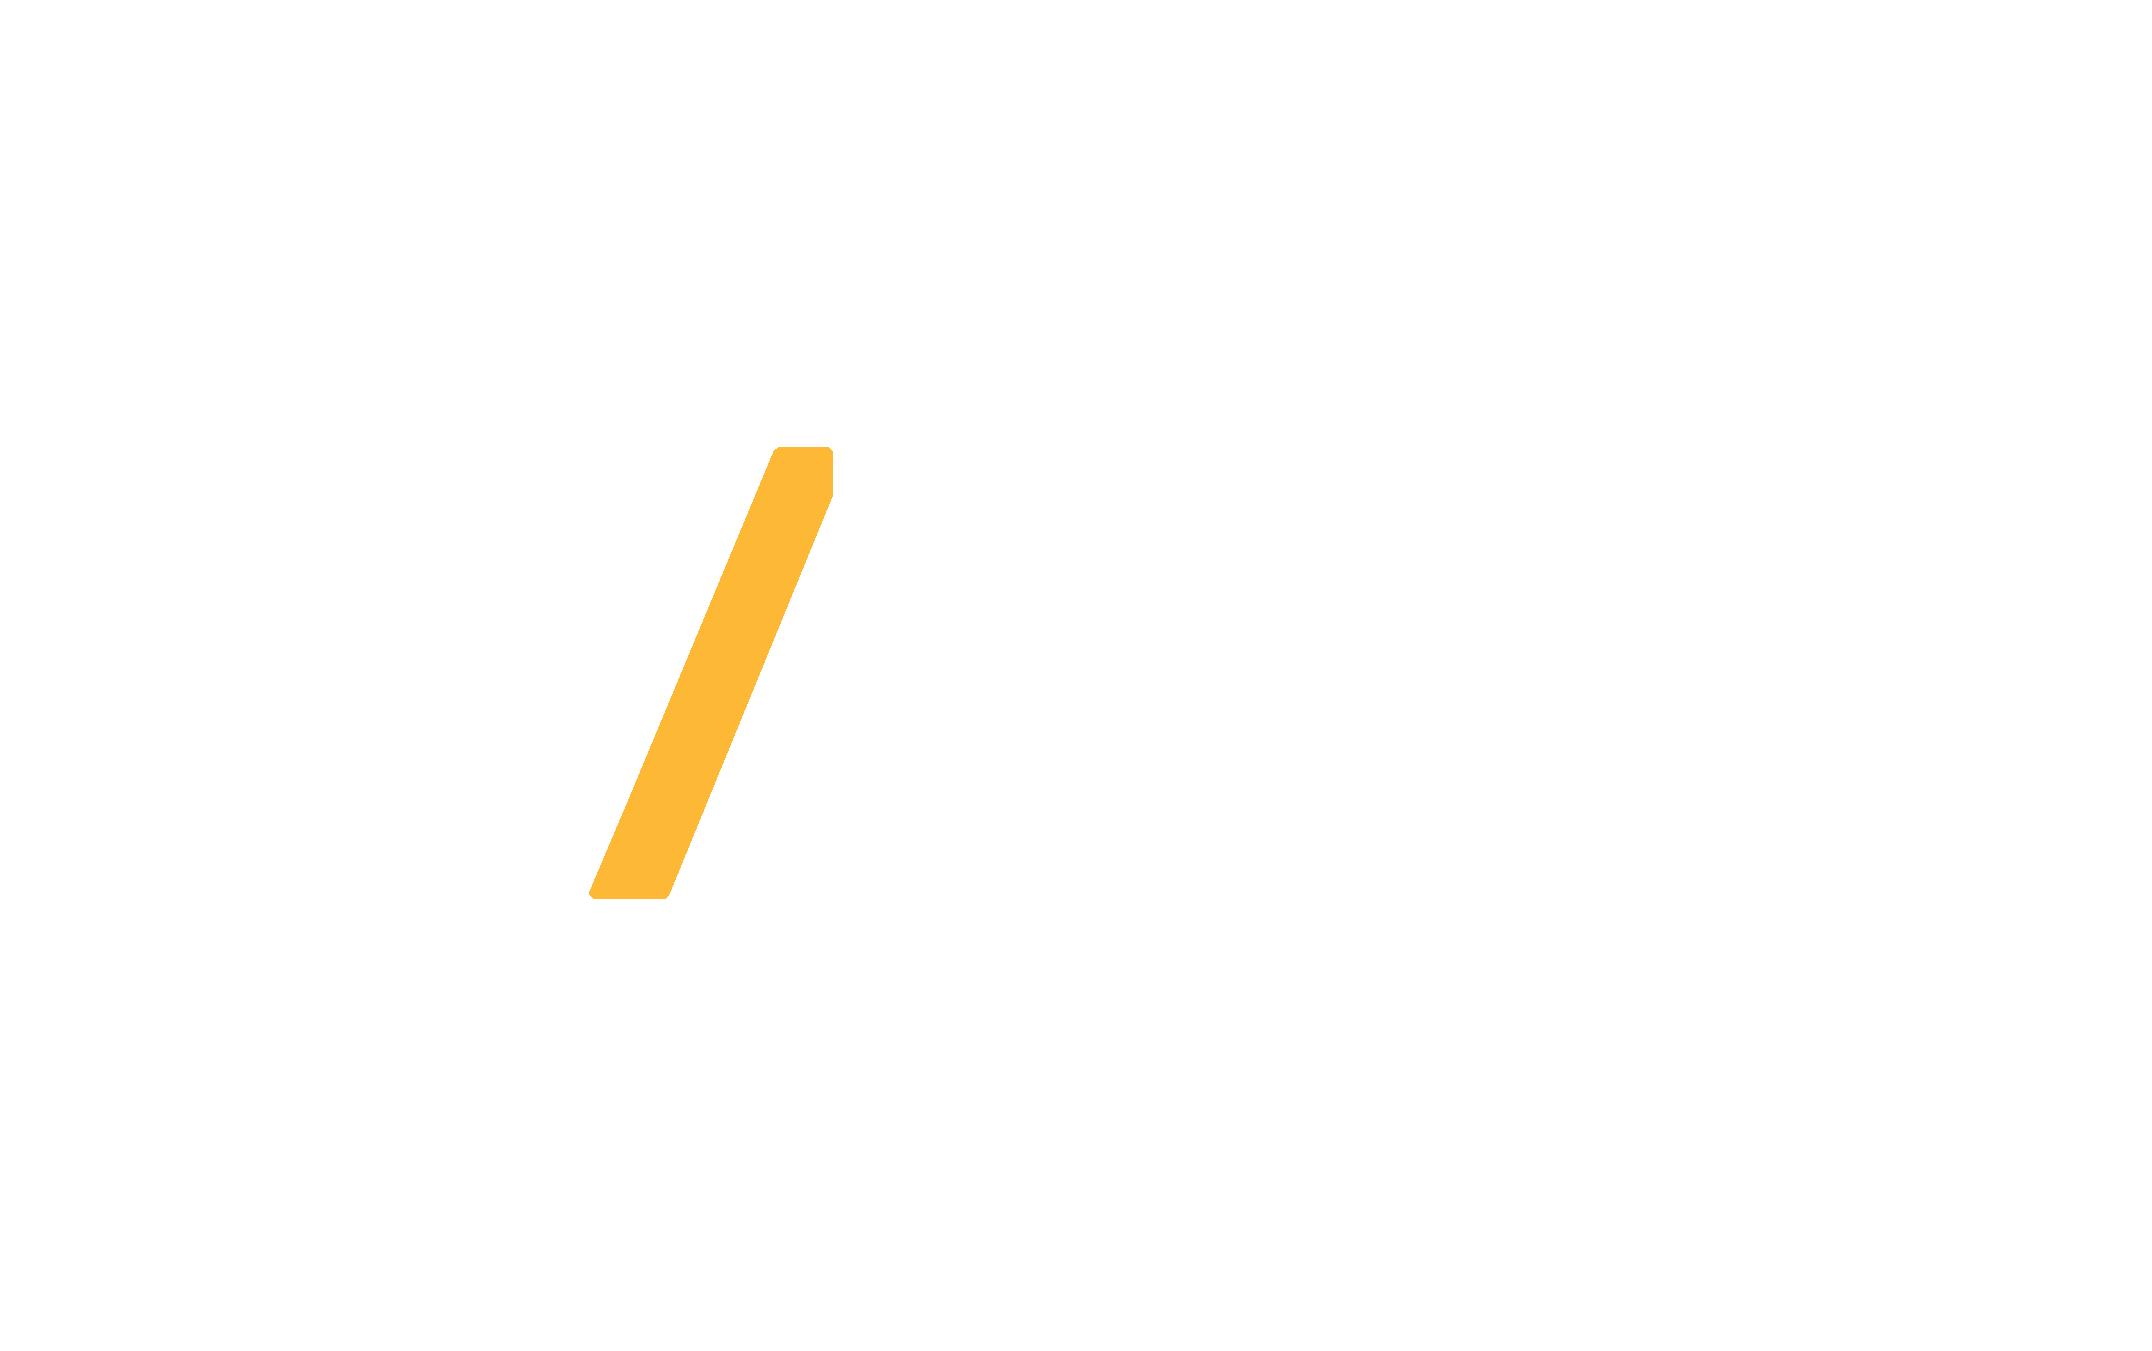 V-CRO